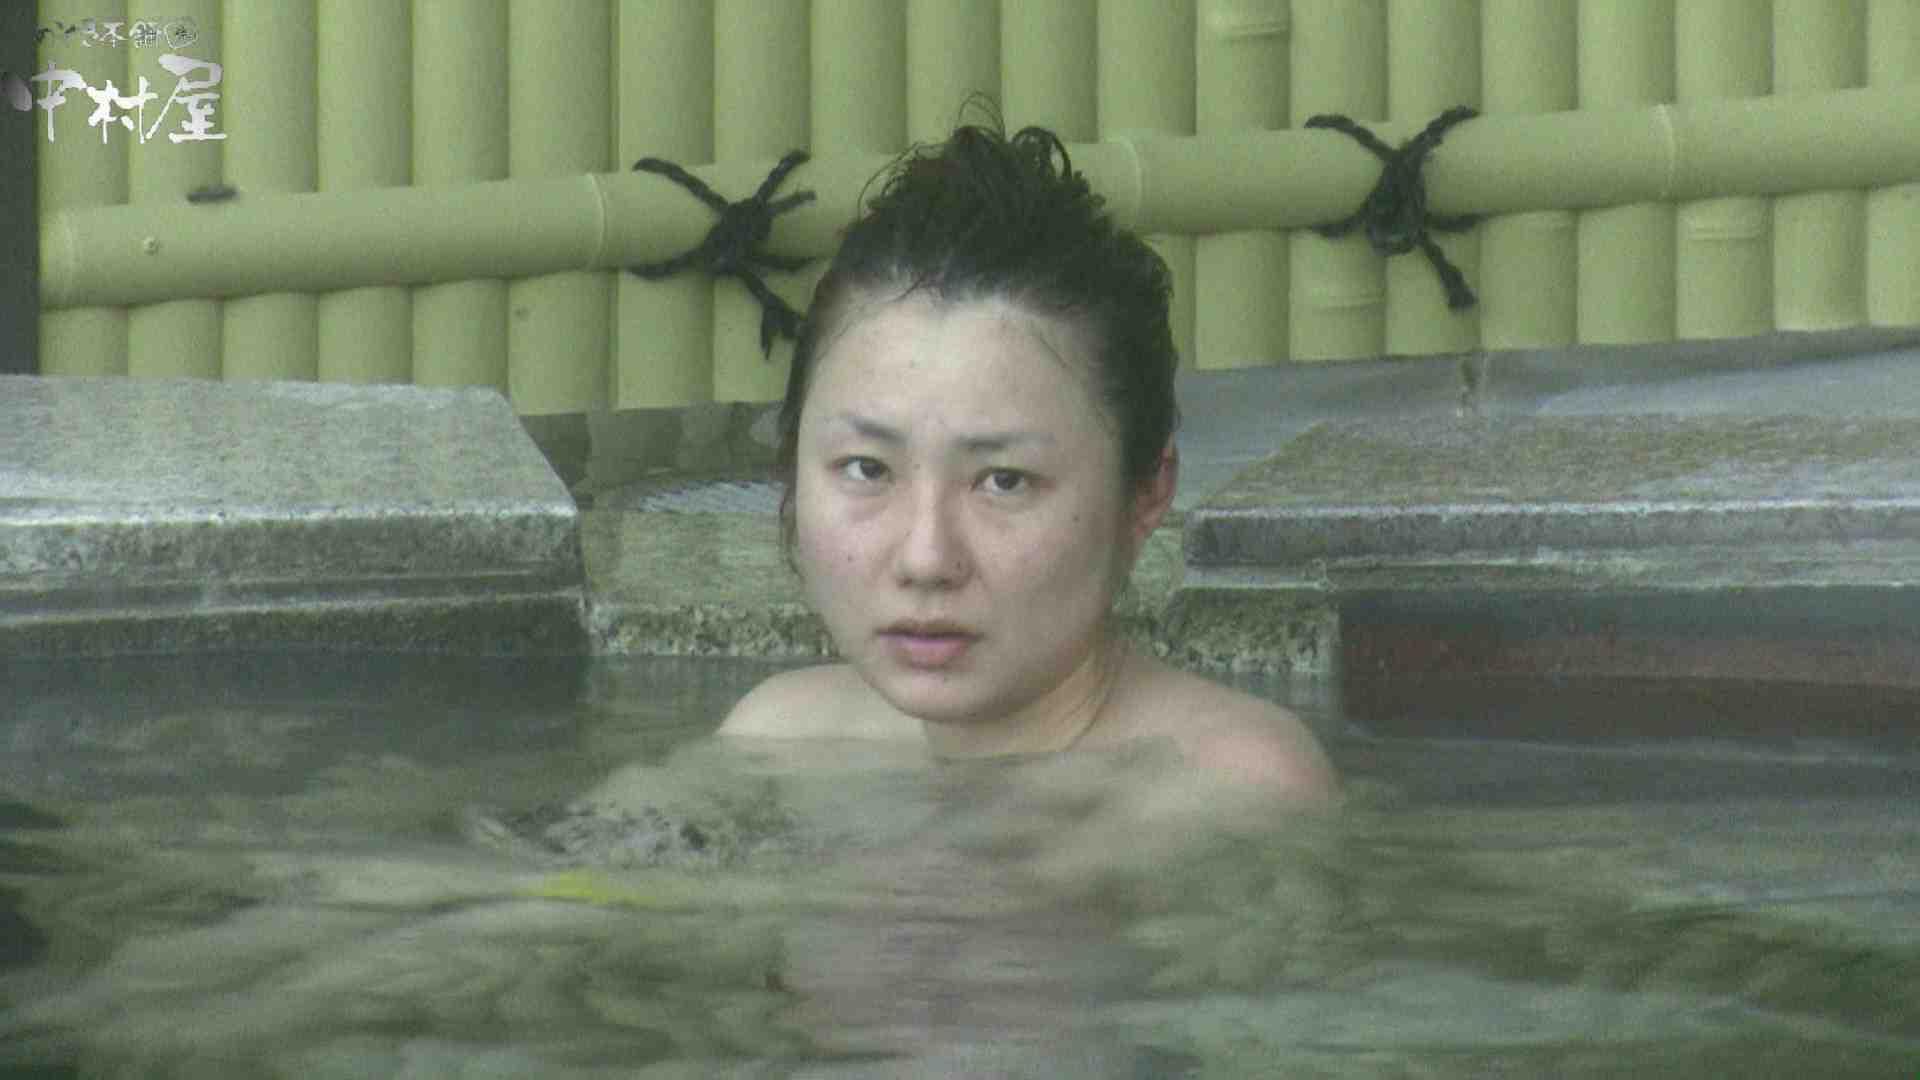 Aquaな露天風呂Vol.969 盗撮   OLのエロ生活  86連発 82